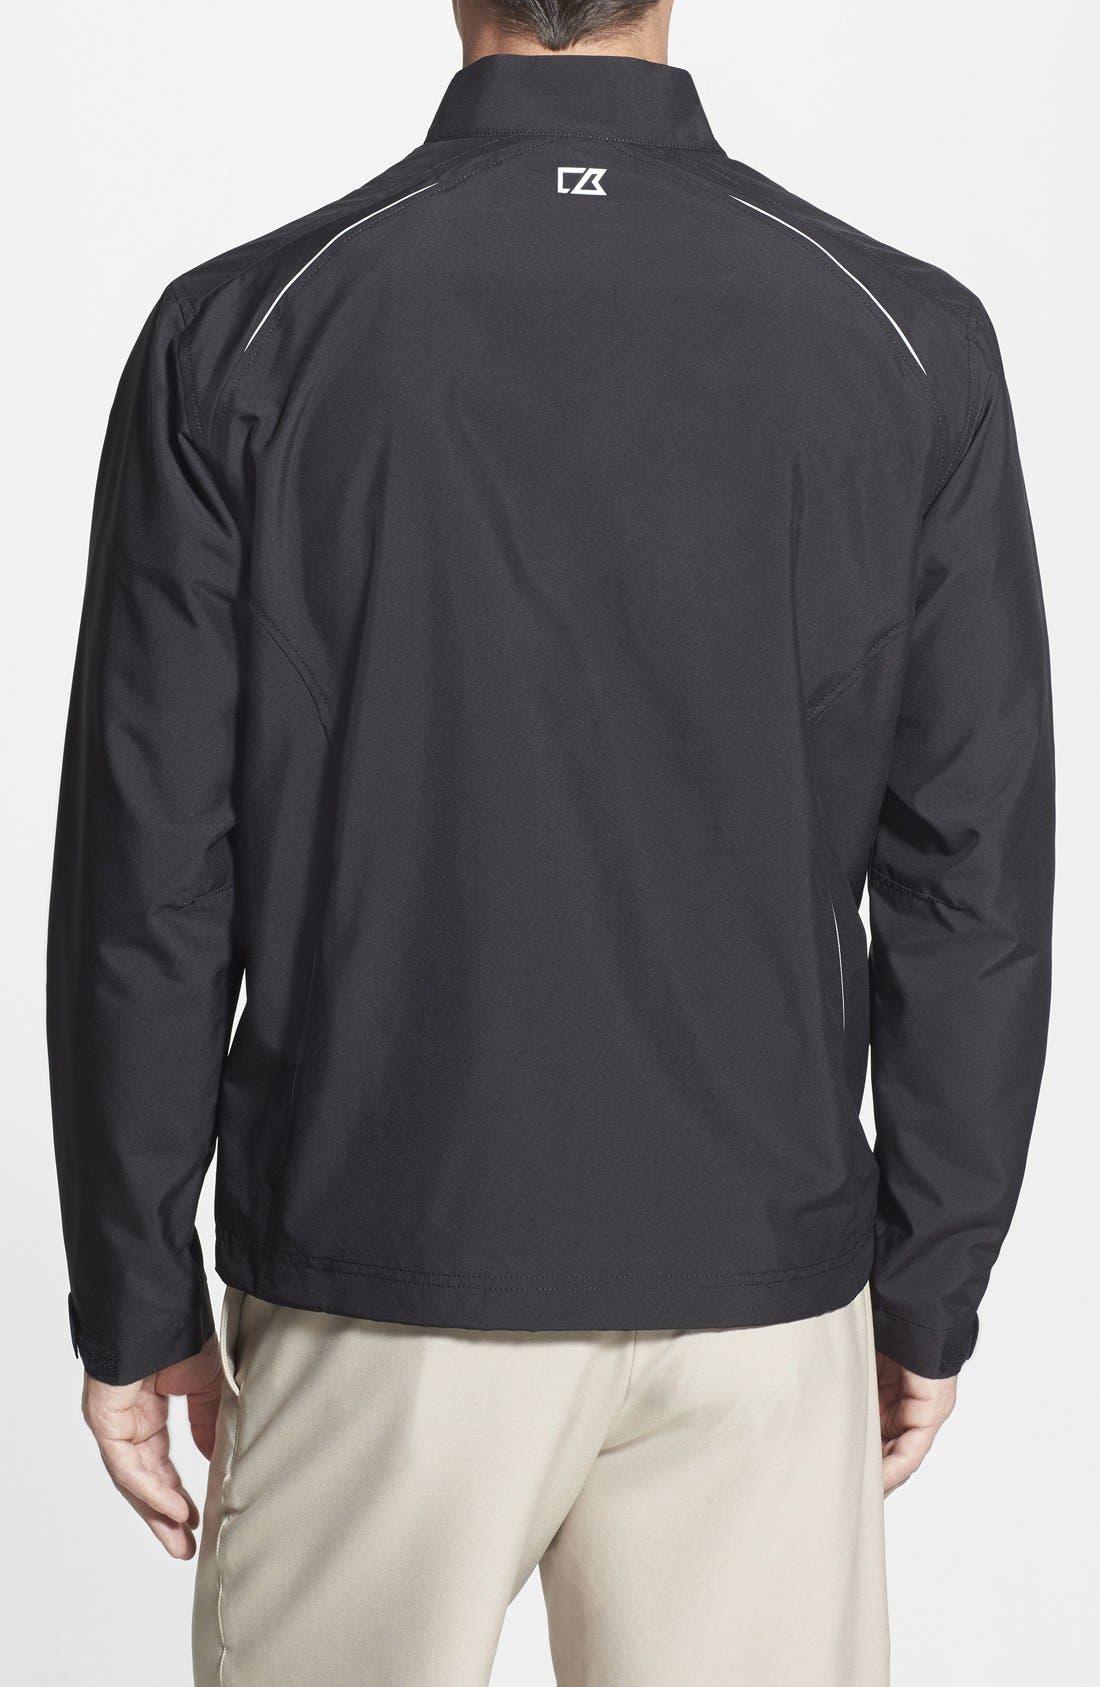 'Cincinnati Bengals - Beacon' WeatherTec Wind & Water Resistant Jacket,                             Alternate thumbnail 2, color,                             001